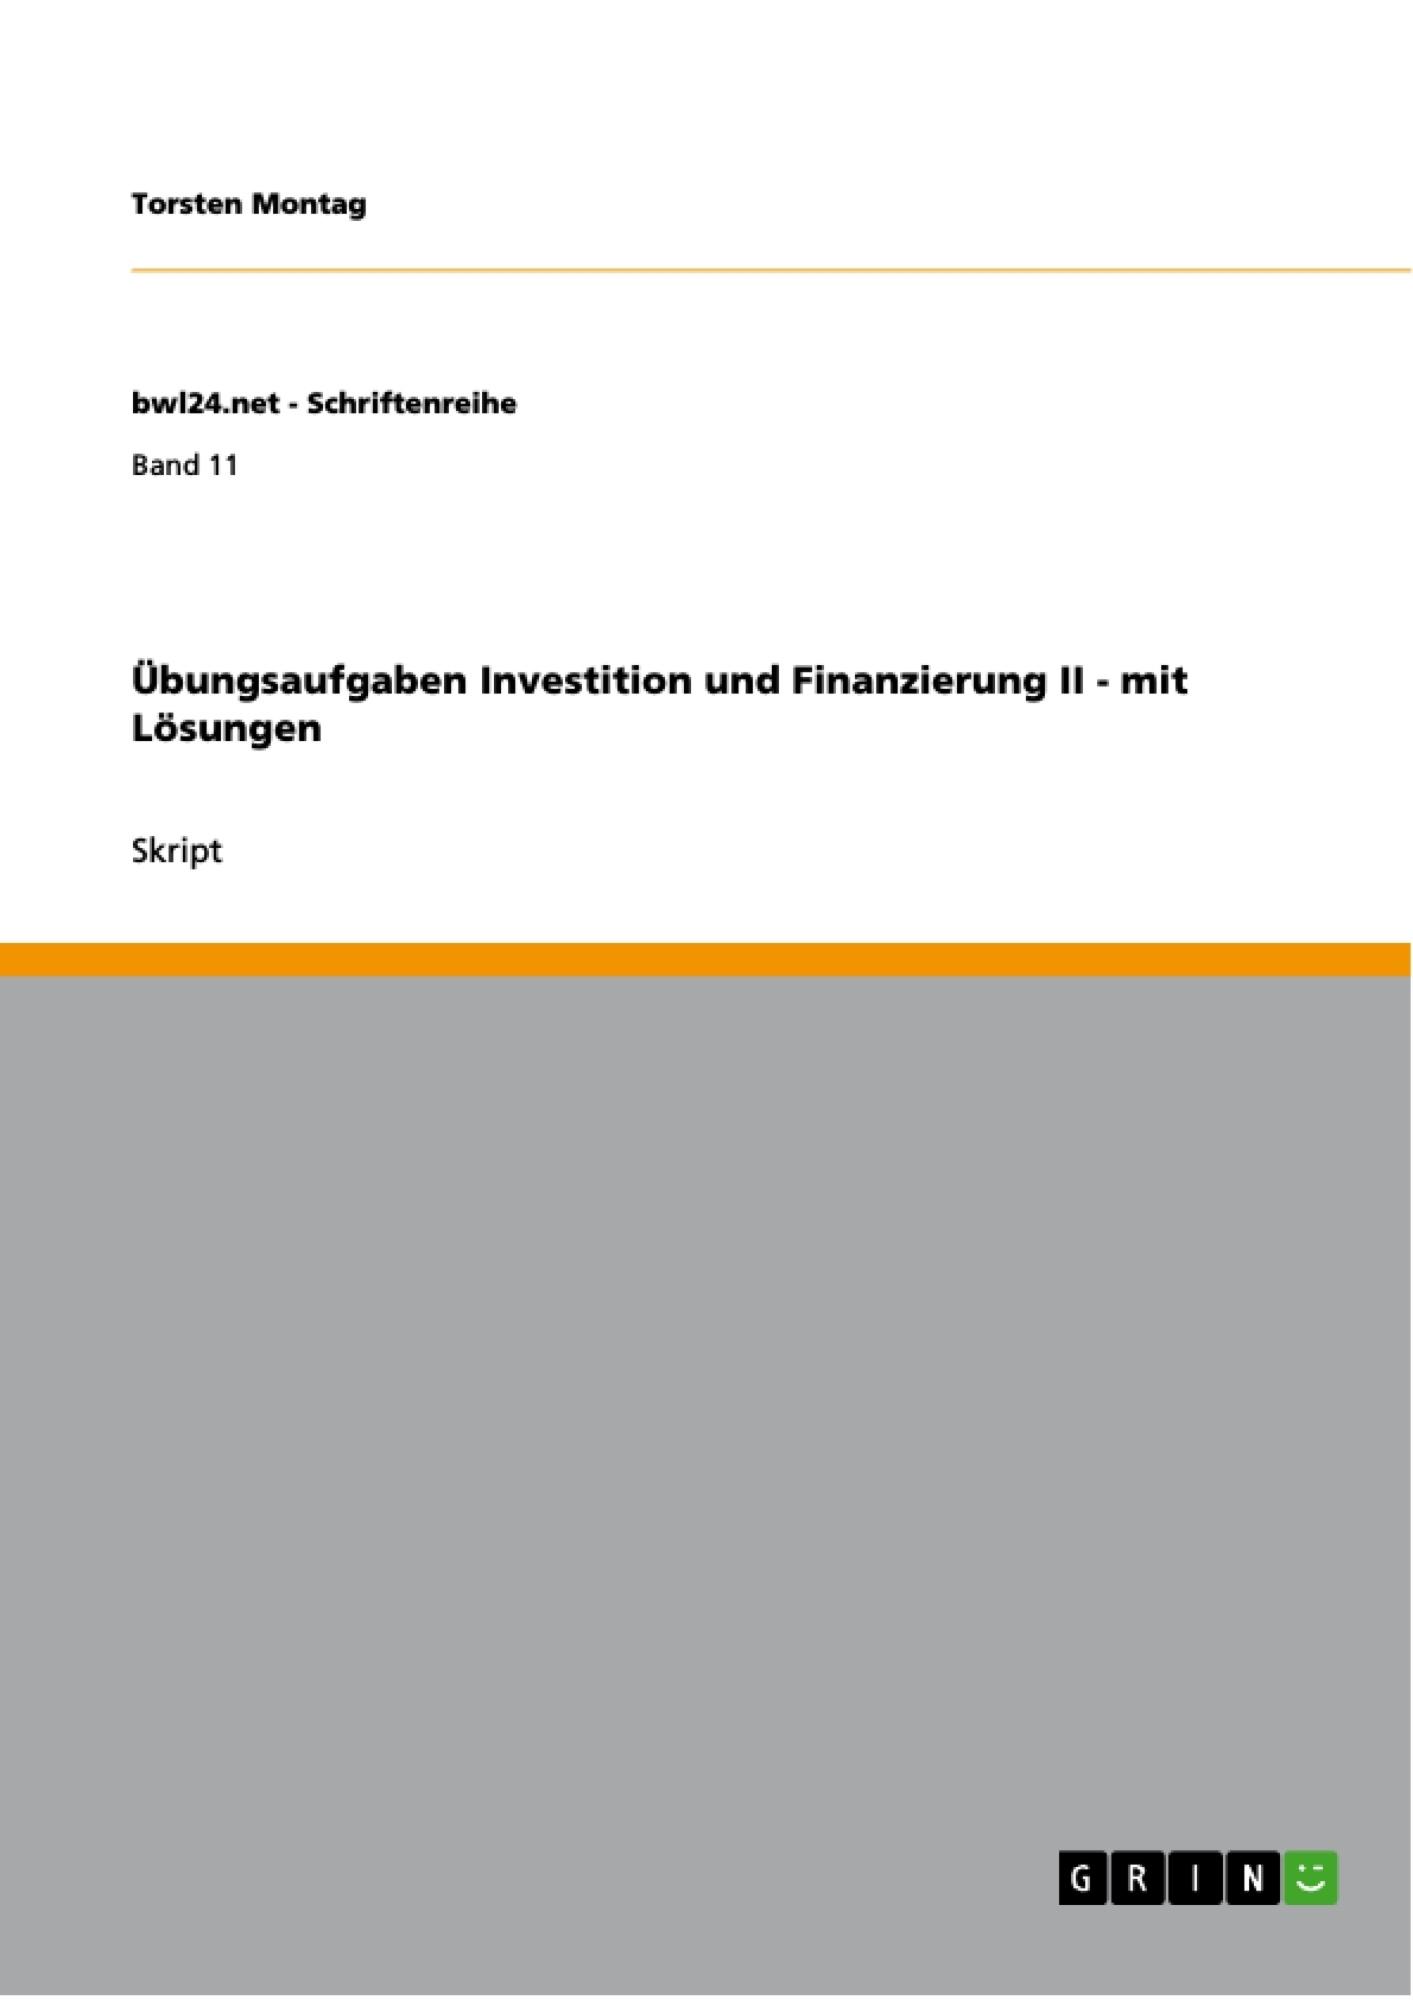 Titel: Übungsaufgaben Investition und Finanzierung II - mit Lösungen